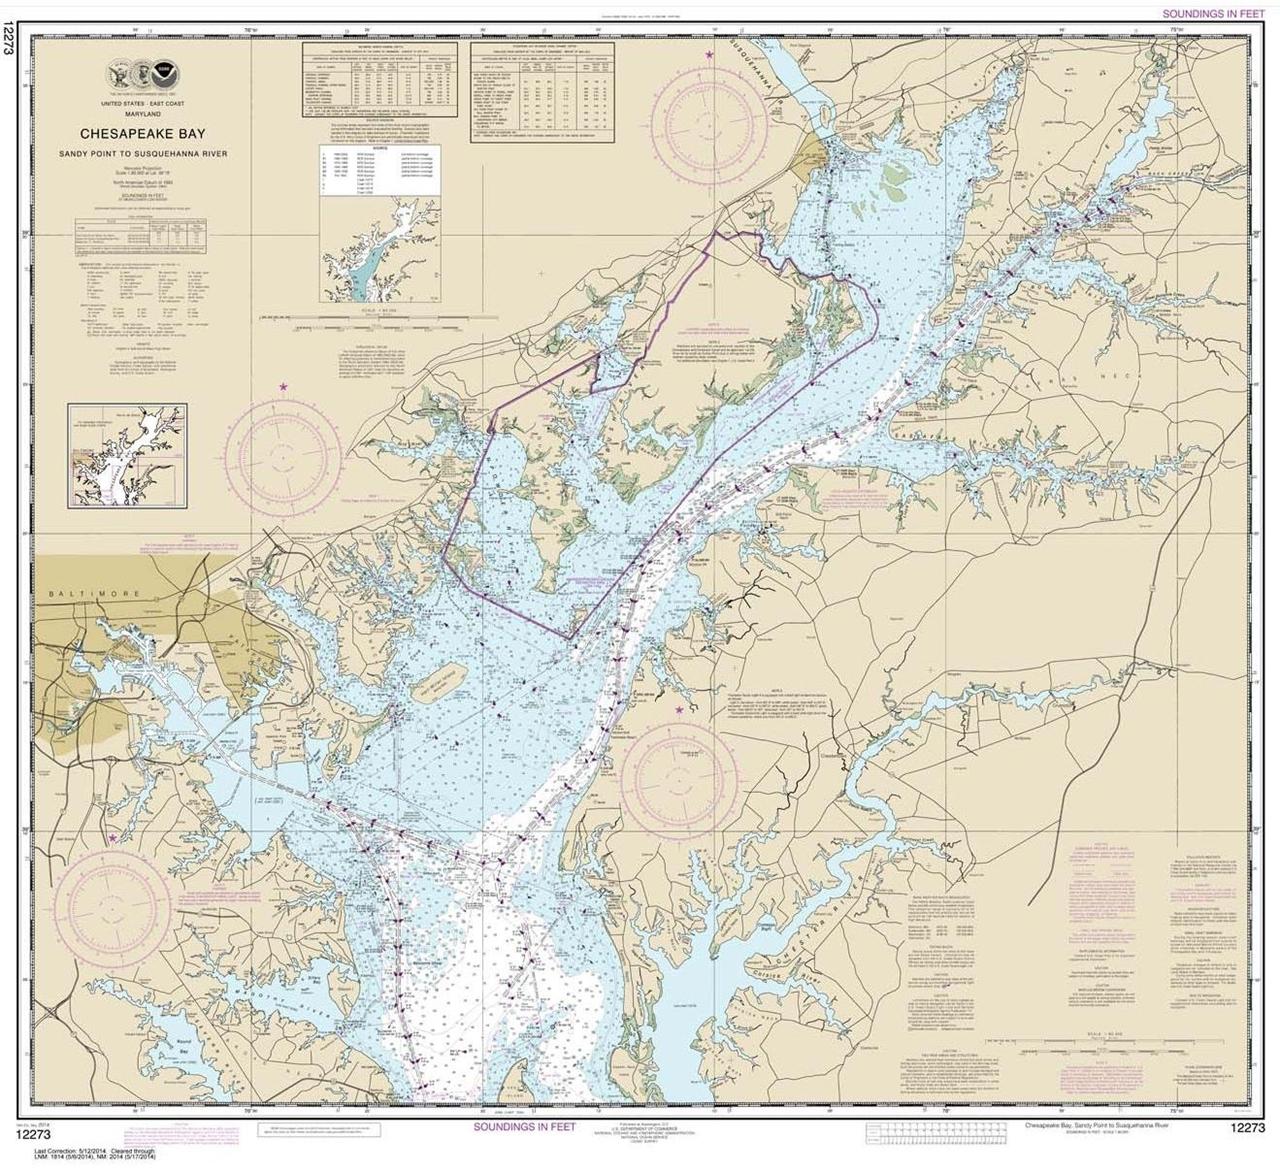 Themapstore Noaa Chart 12273 Chesapeake Bay Delaware